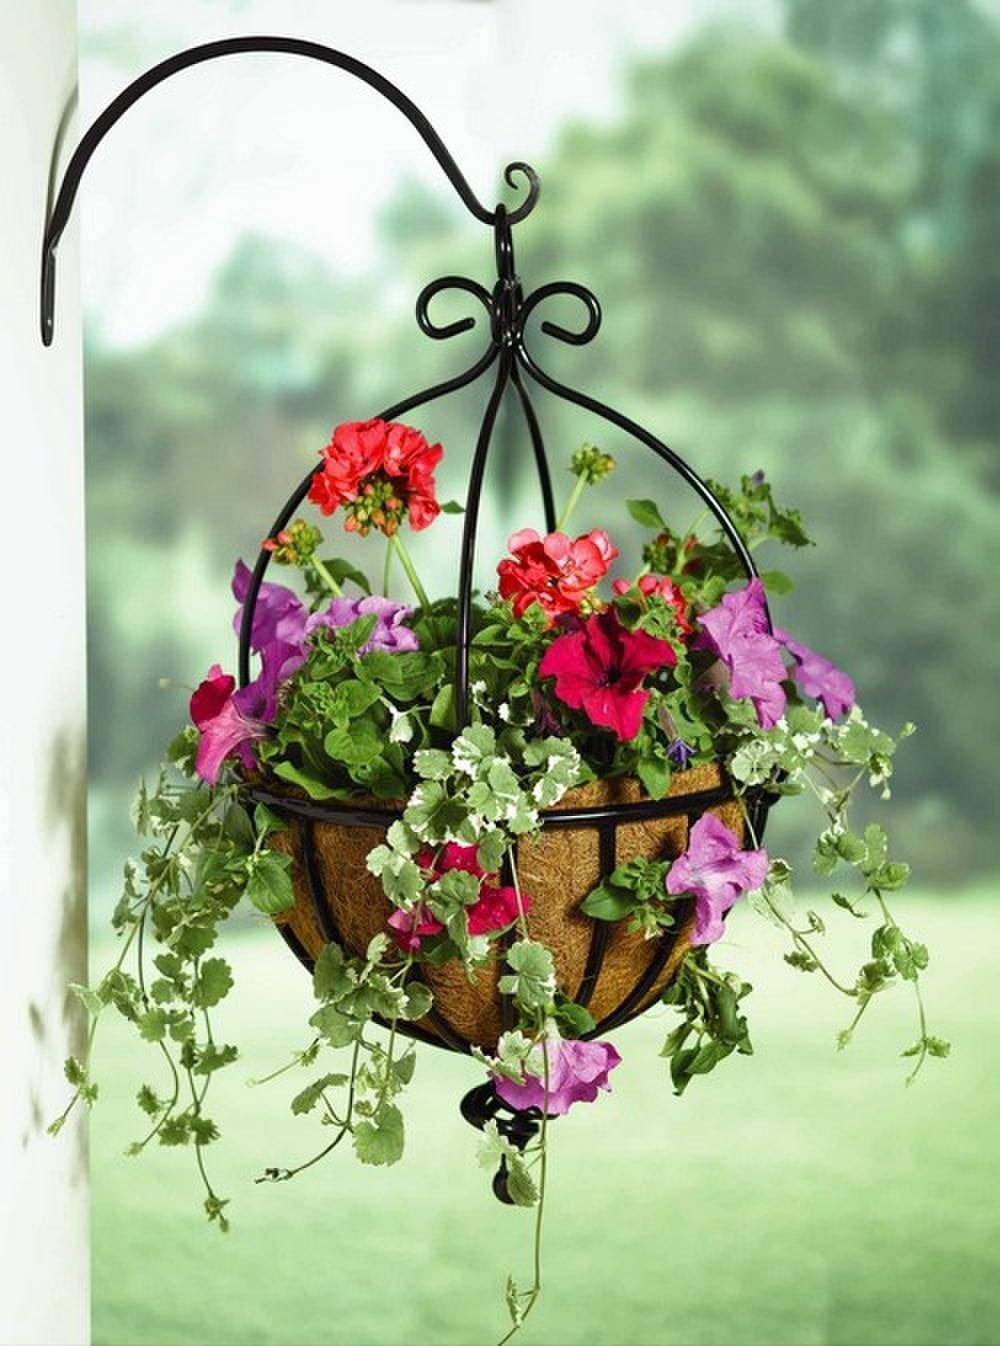 Настенное кашпо для цветов как повесить кованые и другие модели на стену Характеристики кашпо Ливия Полукруглые модели с креплением в интерьере